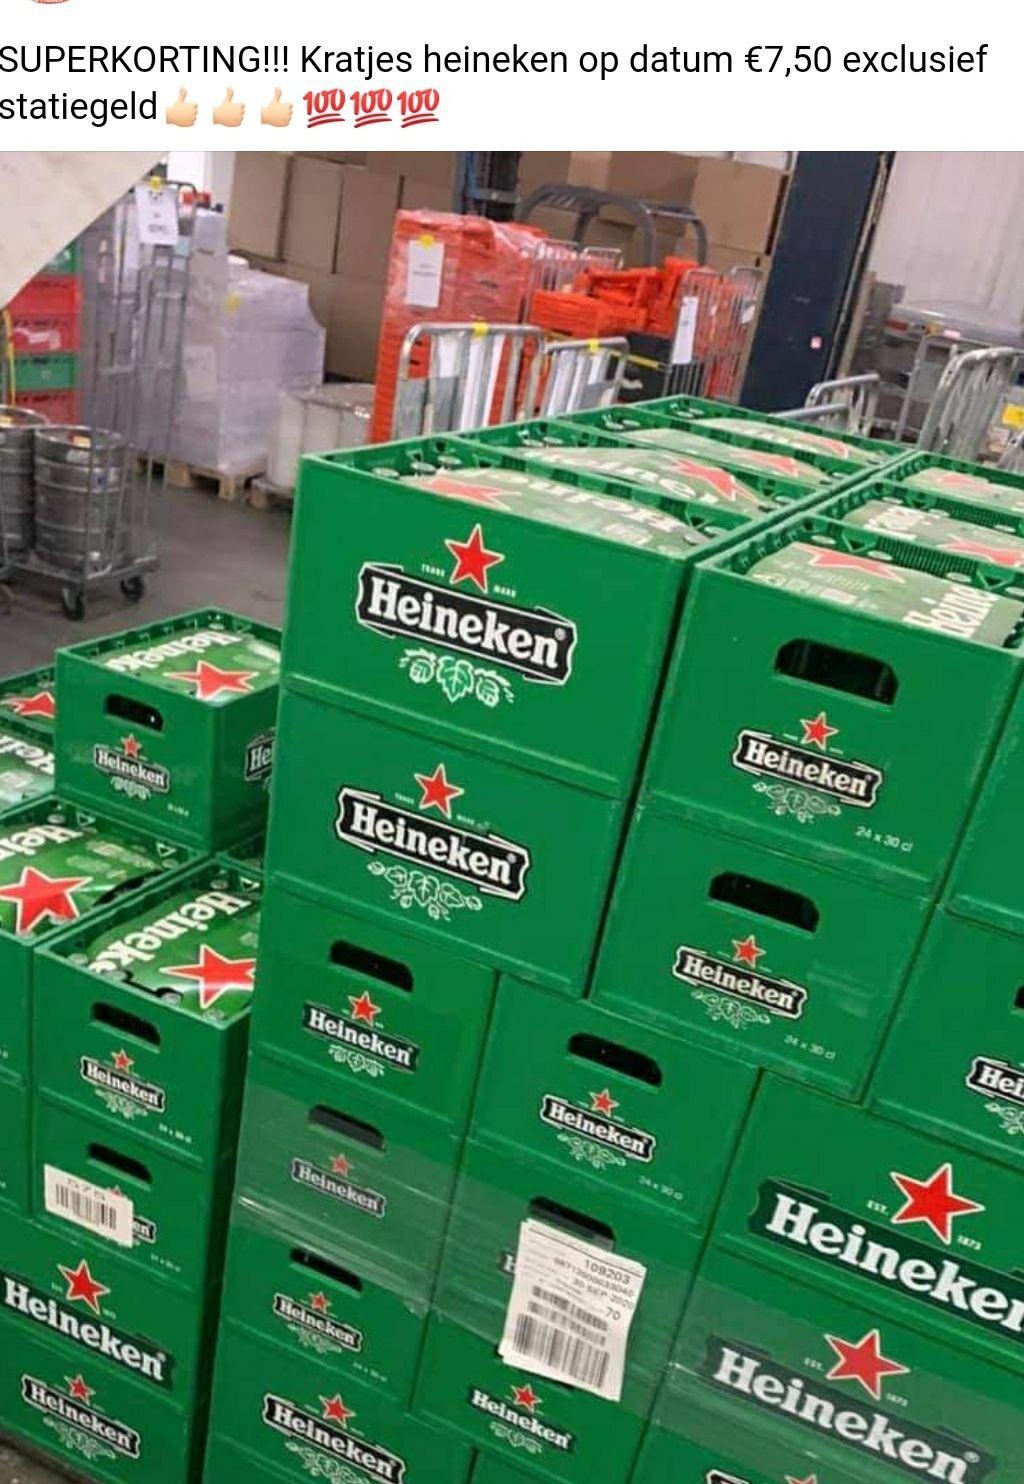 [Lokaal Arnhem] kratjes Heineken op datum voor €7,50 excl. statiegeld @Geldersepartijhandel